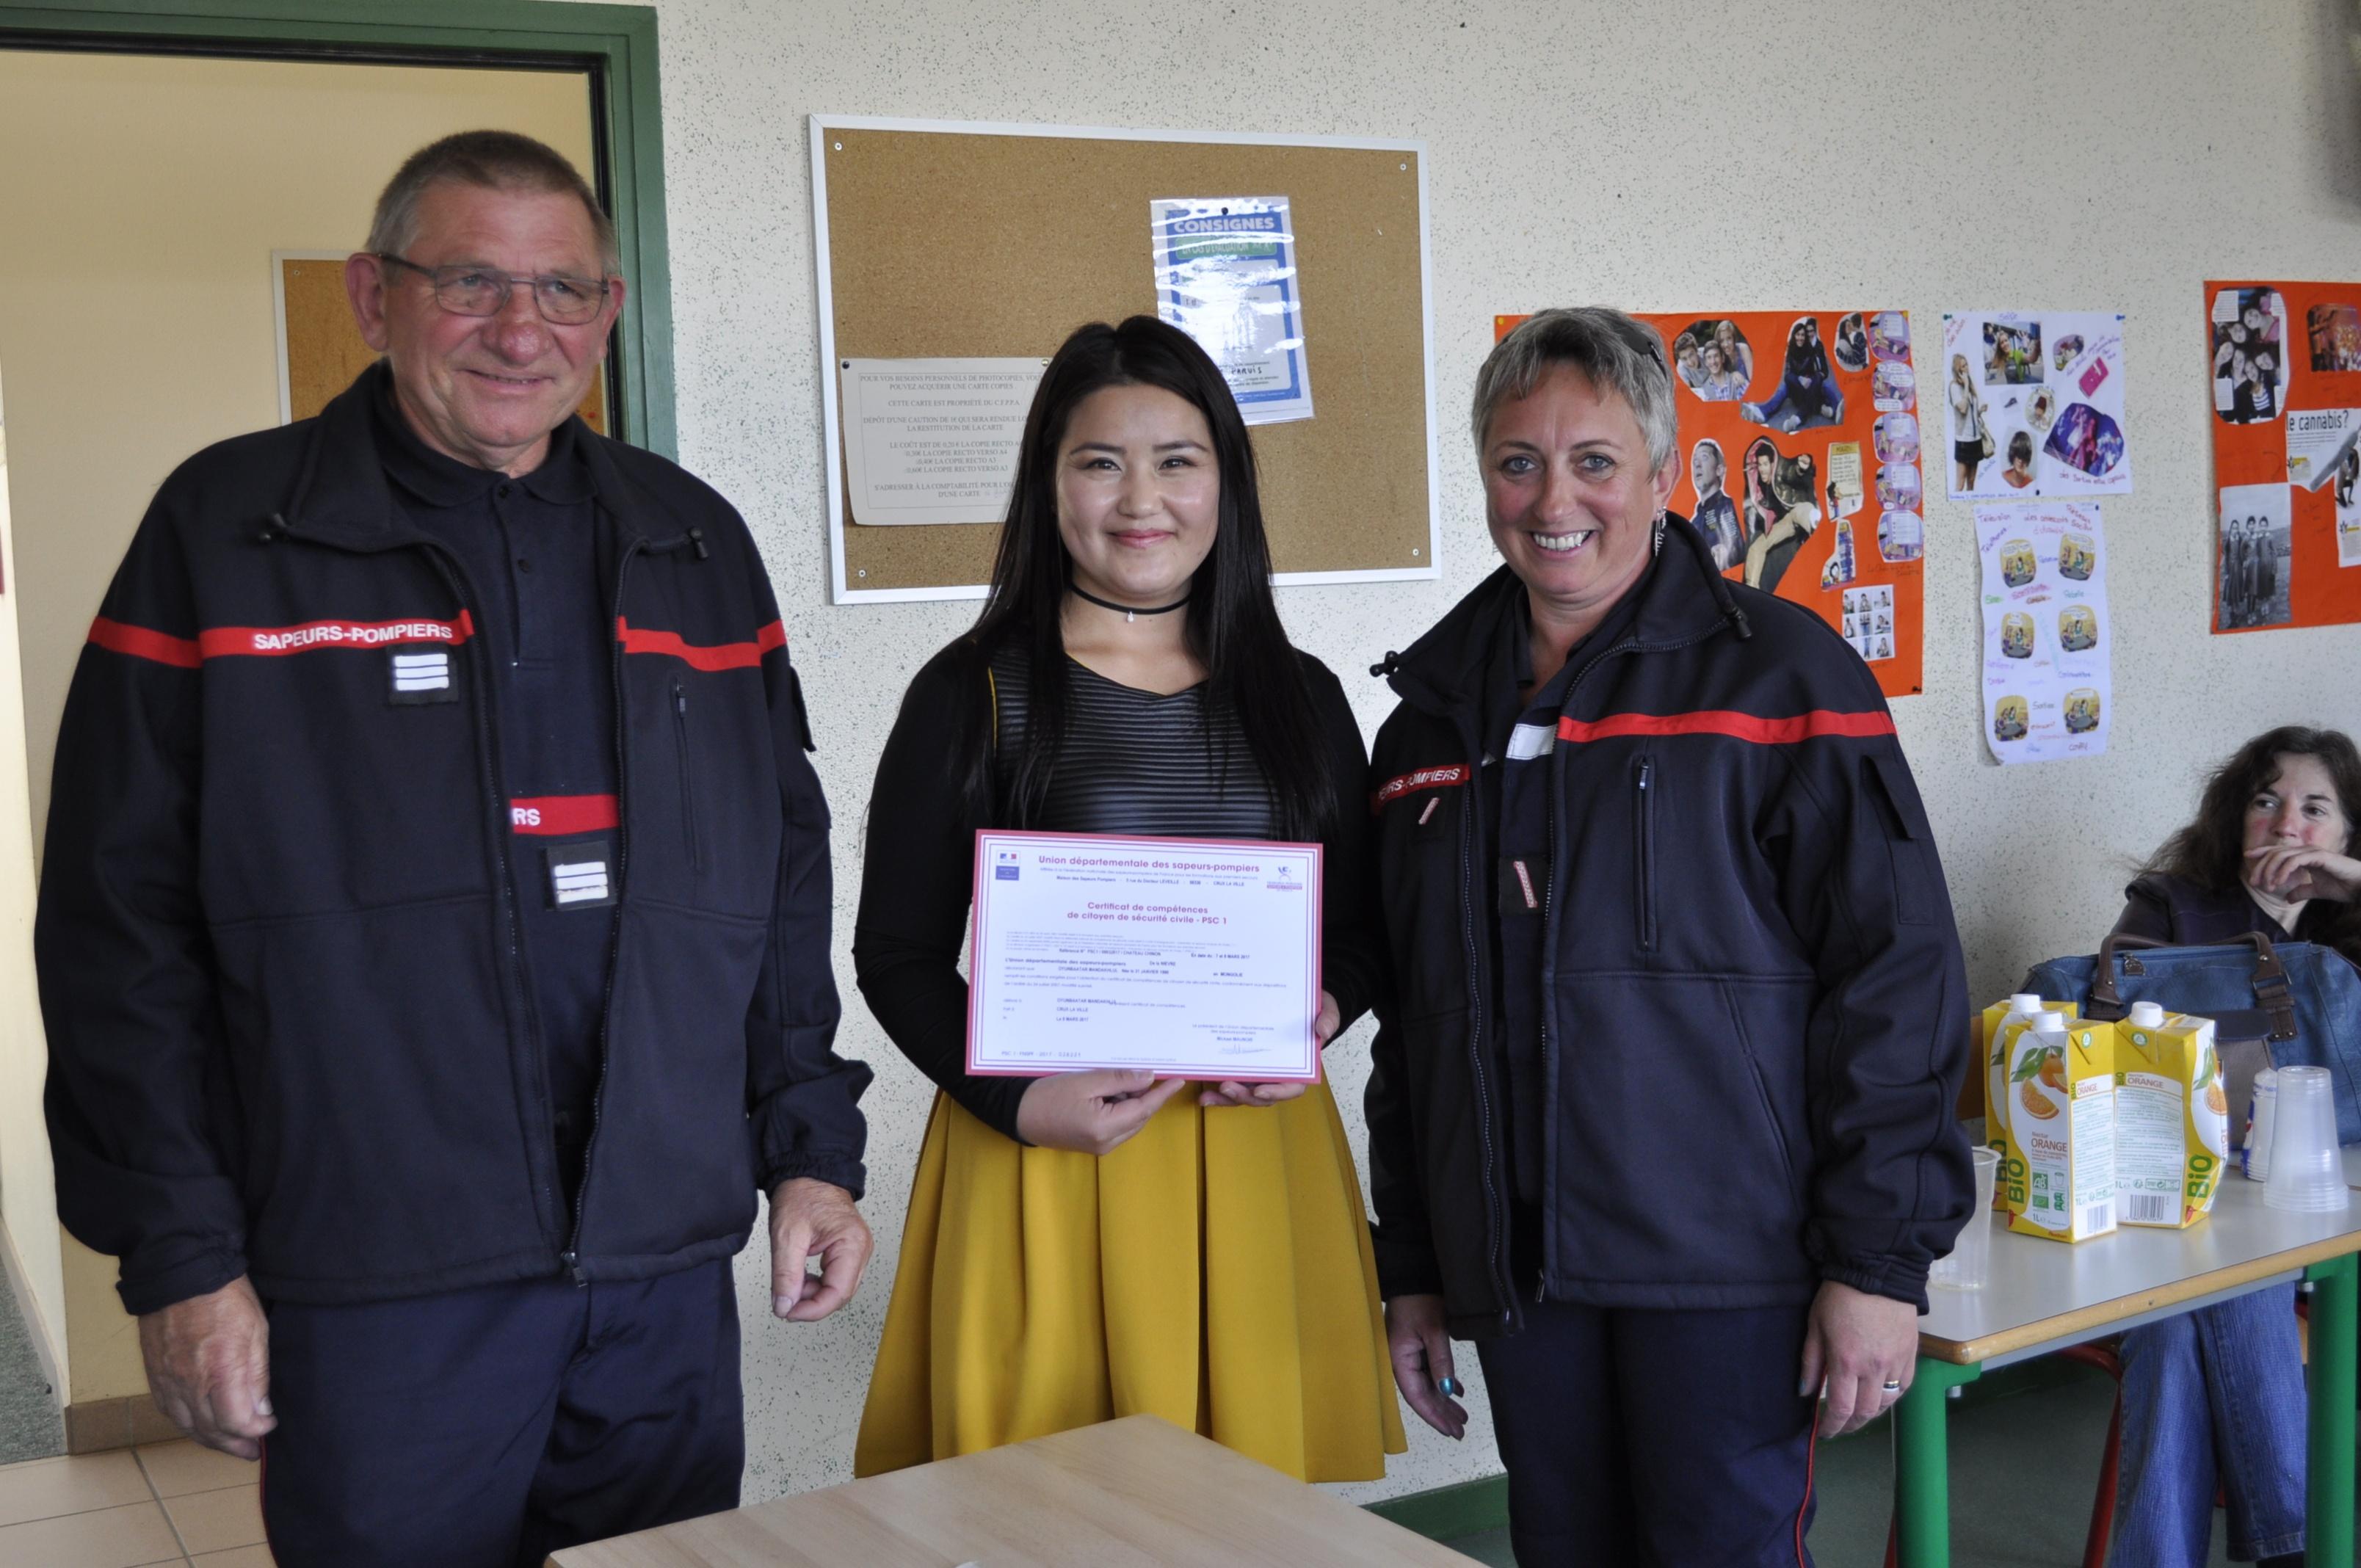 Sauveteur Secouriste du travail - CFPPA du Morvan - Bourgogne - Morvan - orientation - insertion - emploi